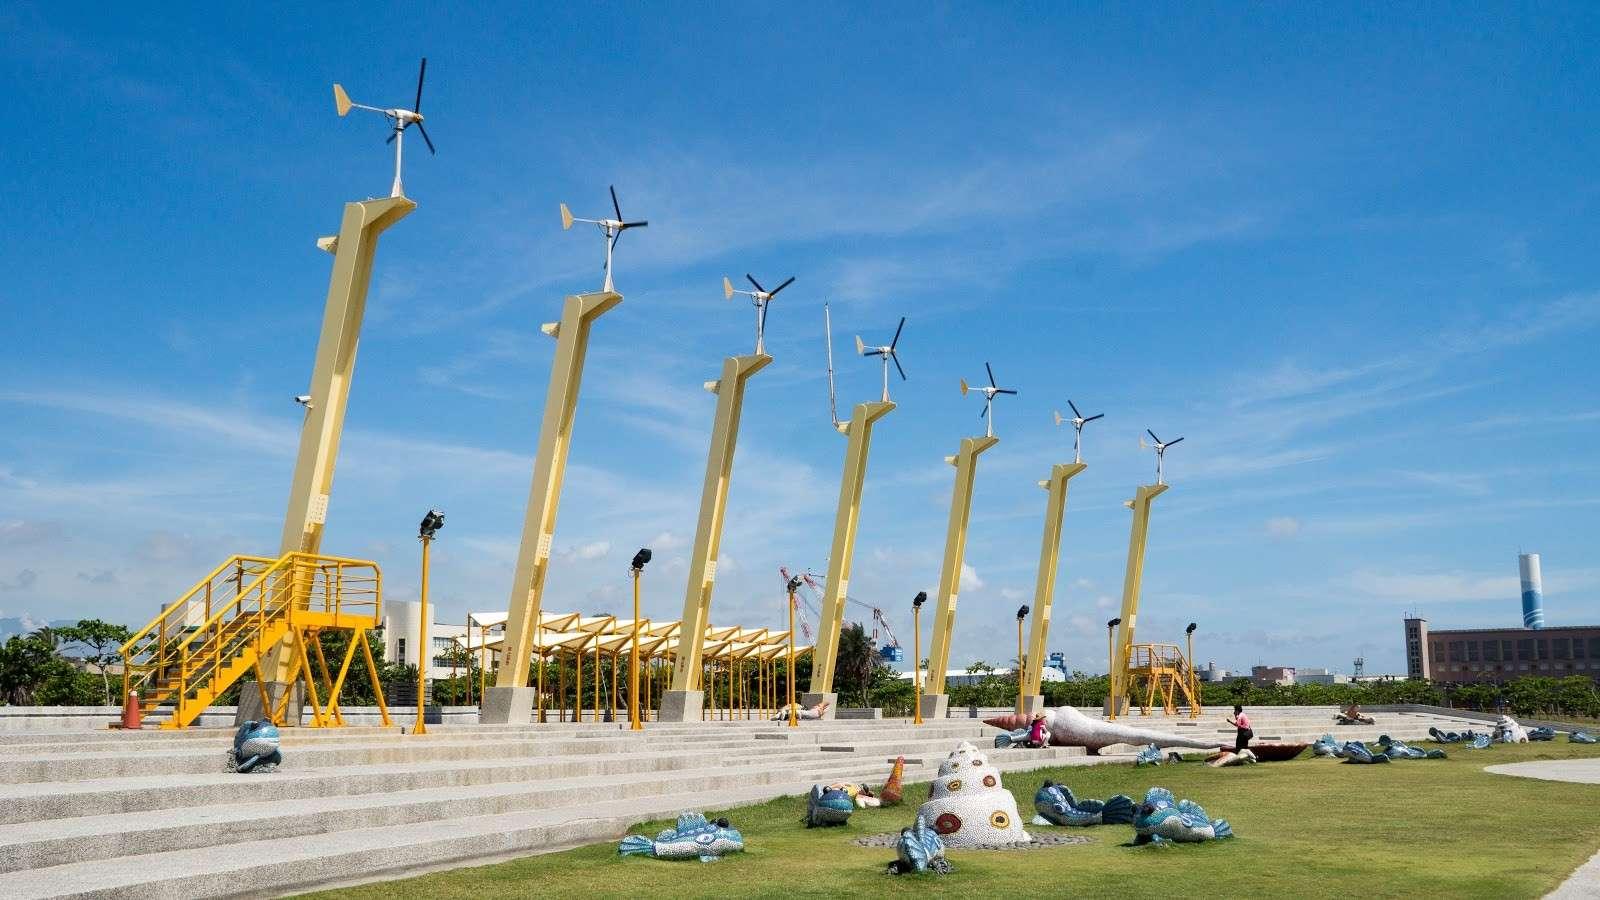 Đảo biển Cijin và những chiếc cối xay gió